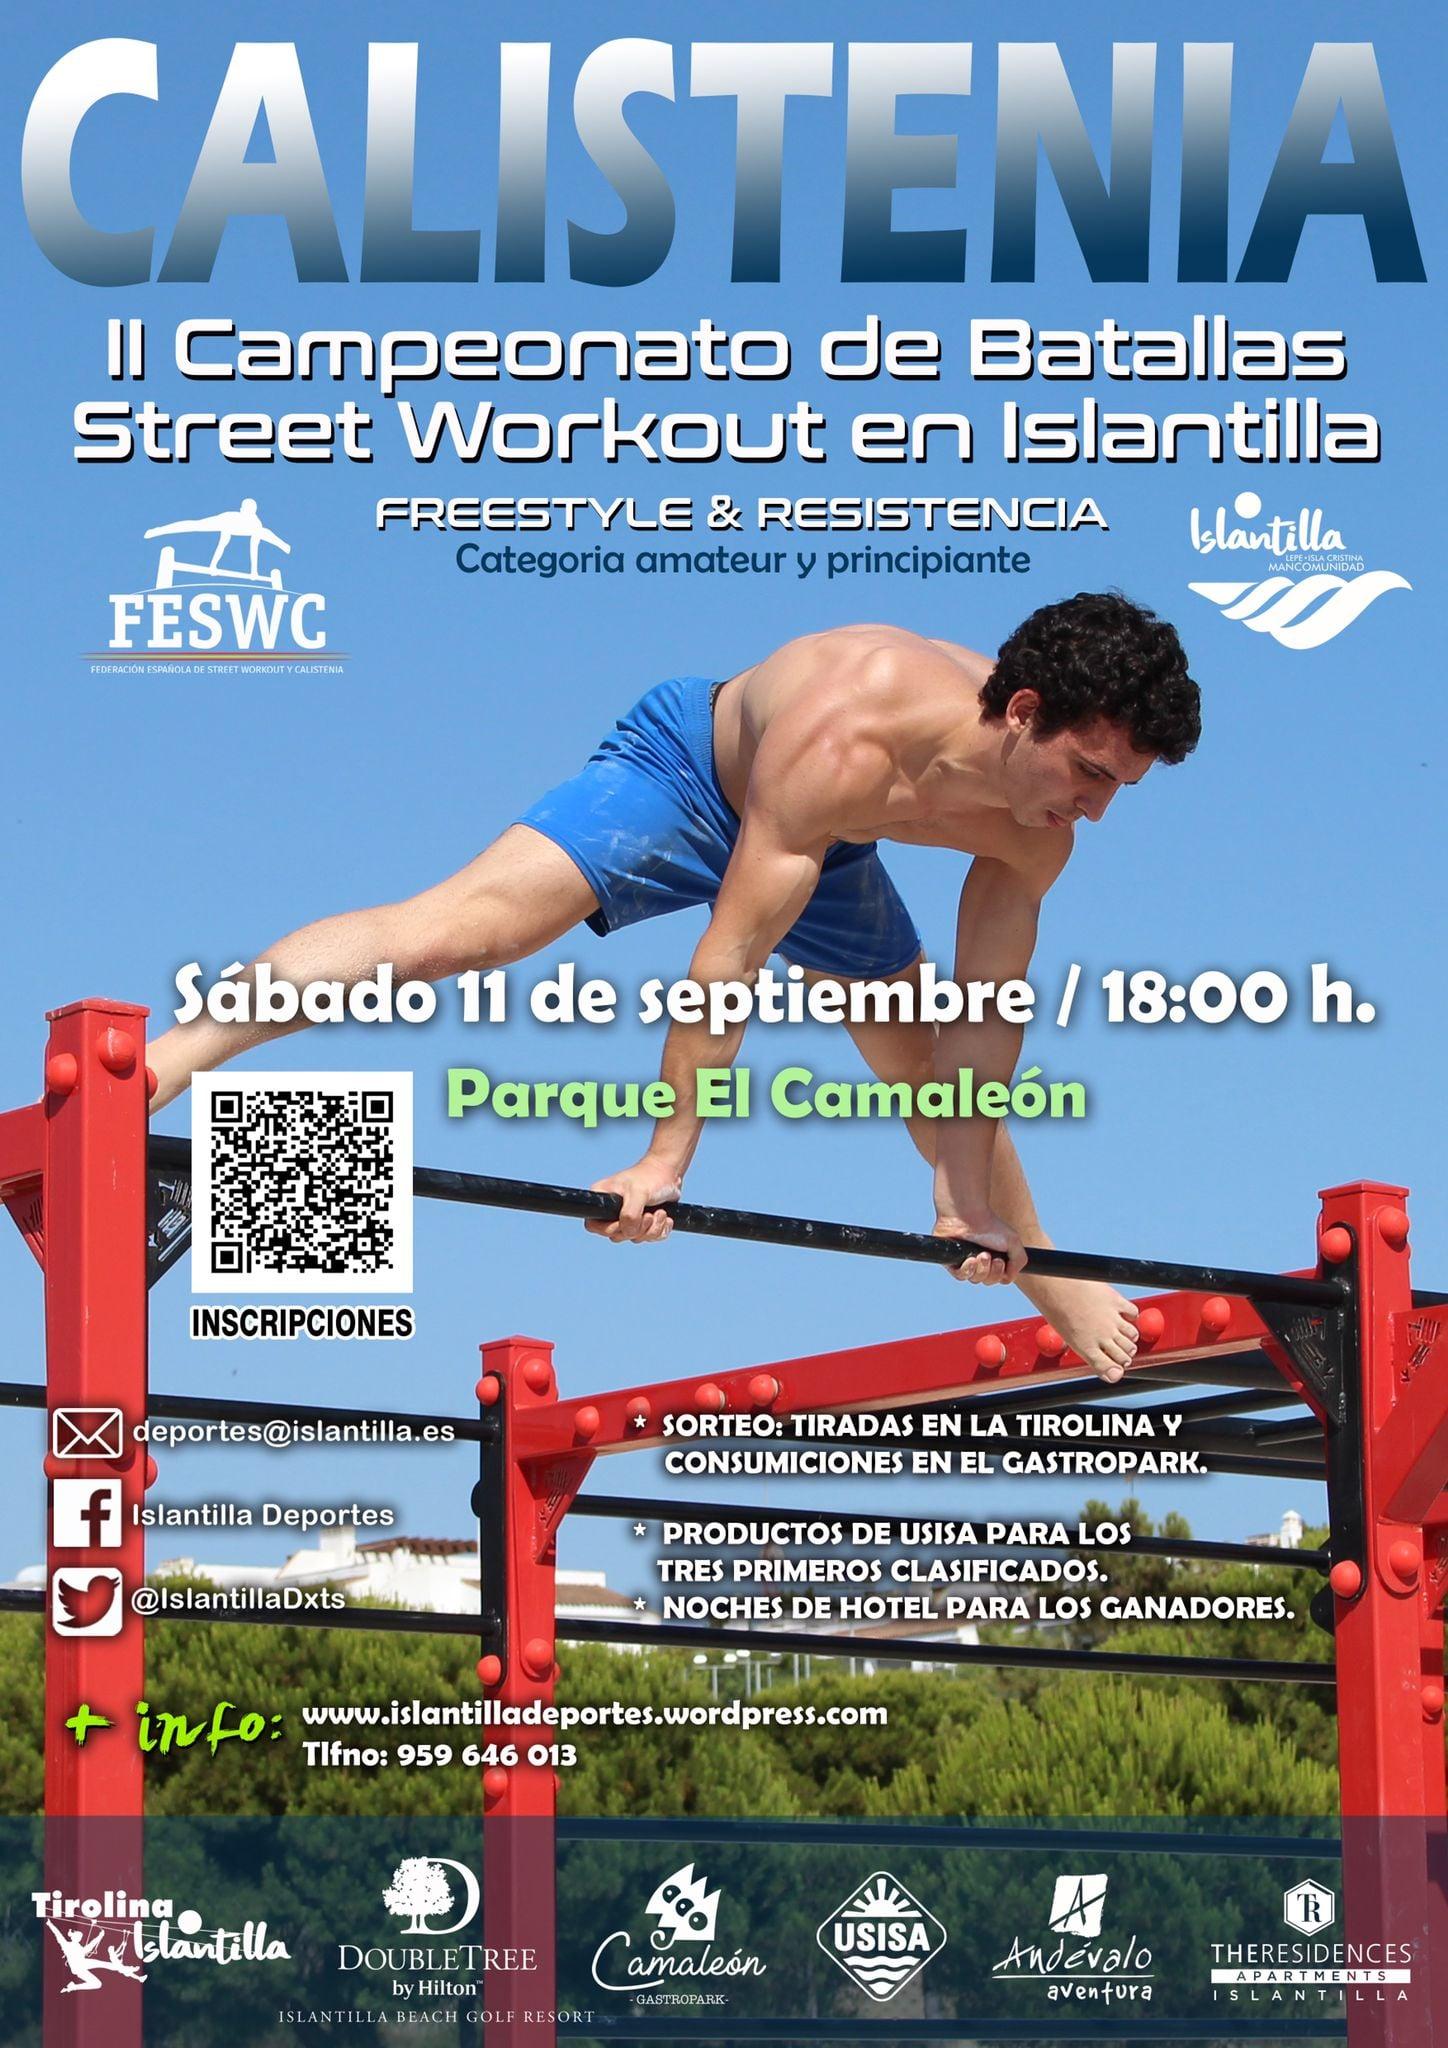 II Campeonato de Calistenia en Islantilla.